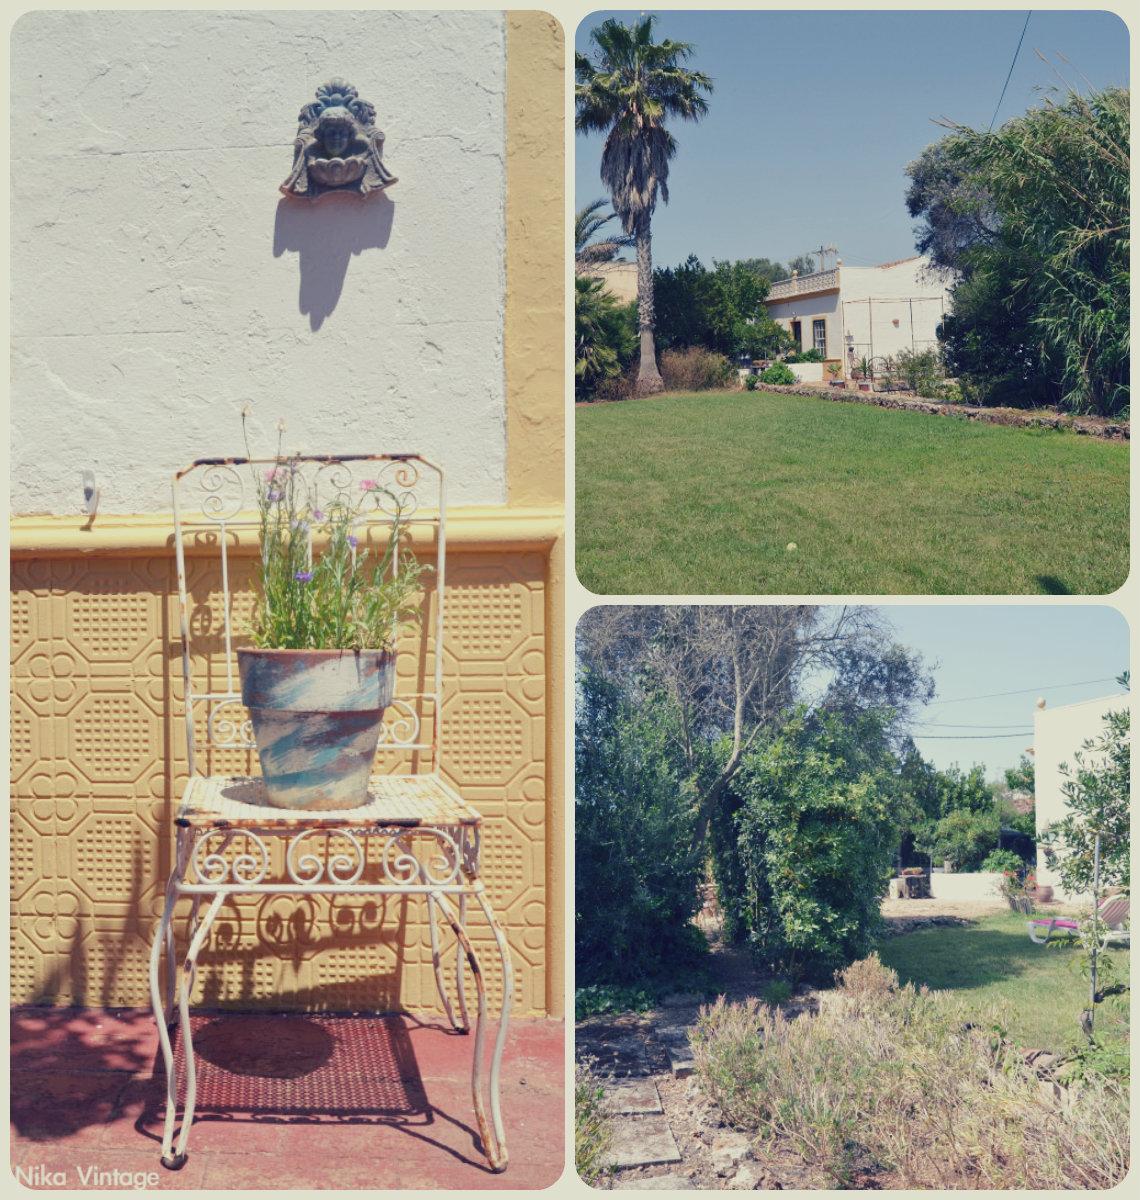 hoy compartimos, blog hop, jardin, menorca, vintage, decoracion, silla hierro, zonas jardin